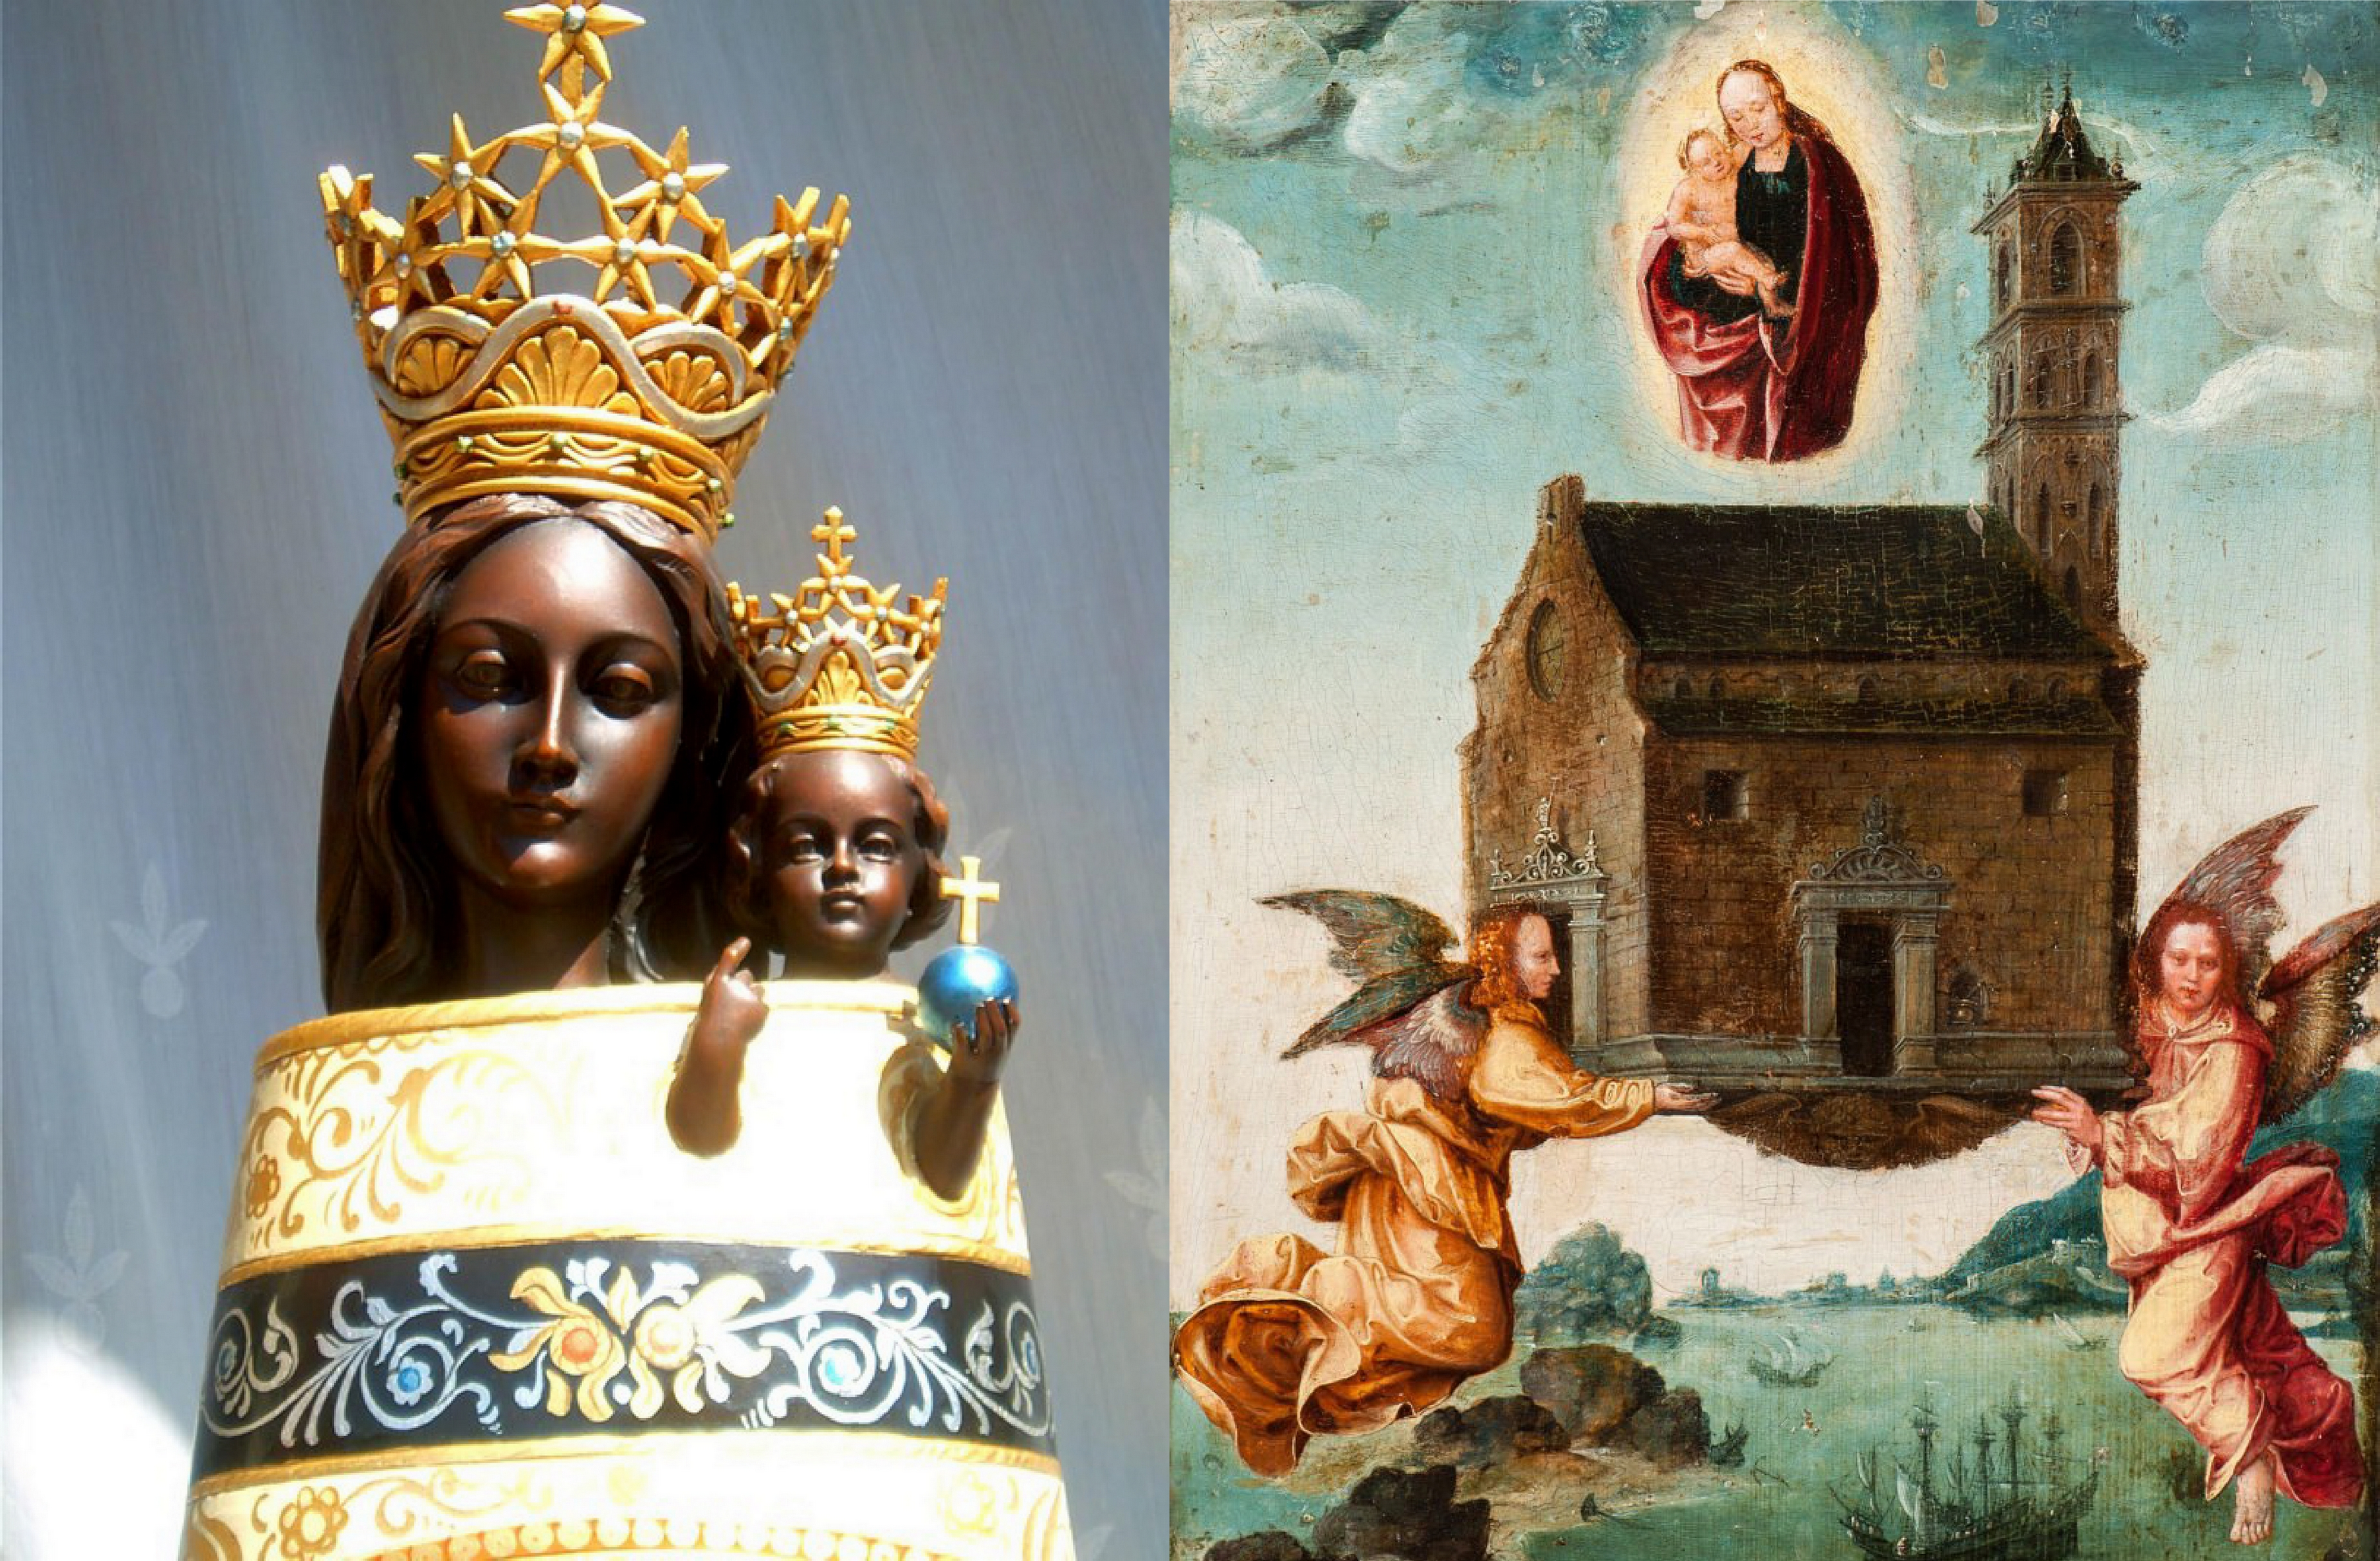 CALENDRIER CATHOLIQUE 2019 (Cantiques, Prières & Images) - Page 17 Notre-dame-de-lor...e-maison-56d8db9